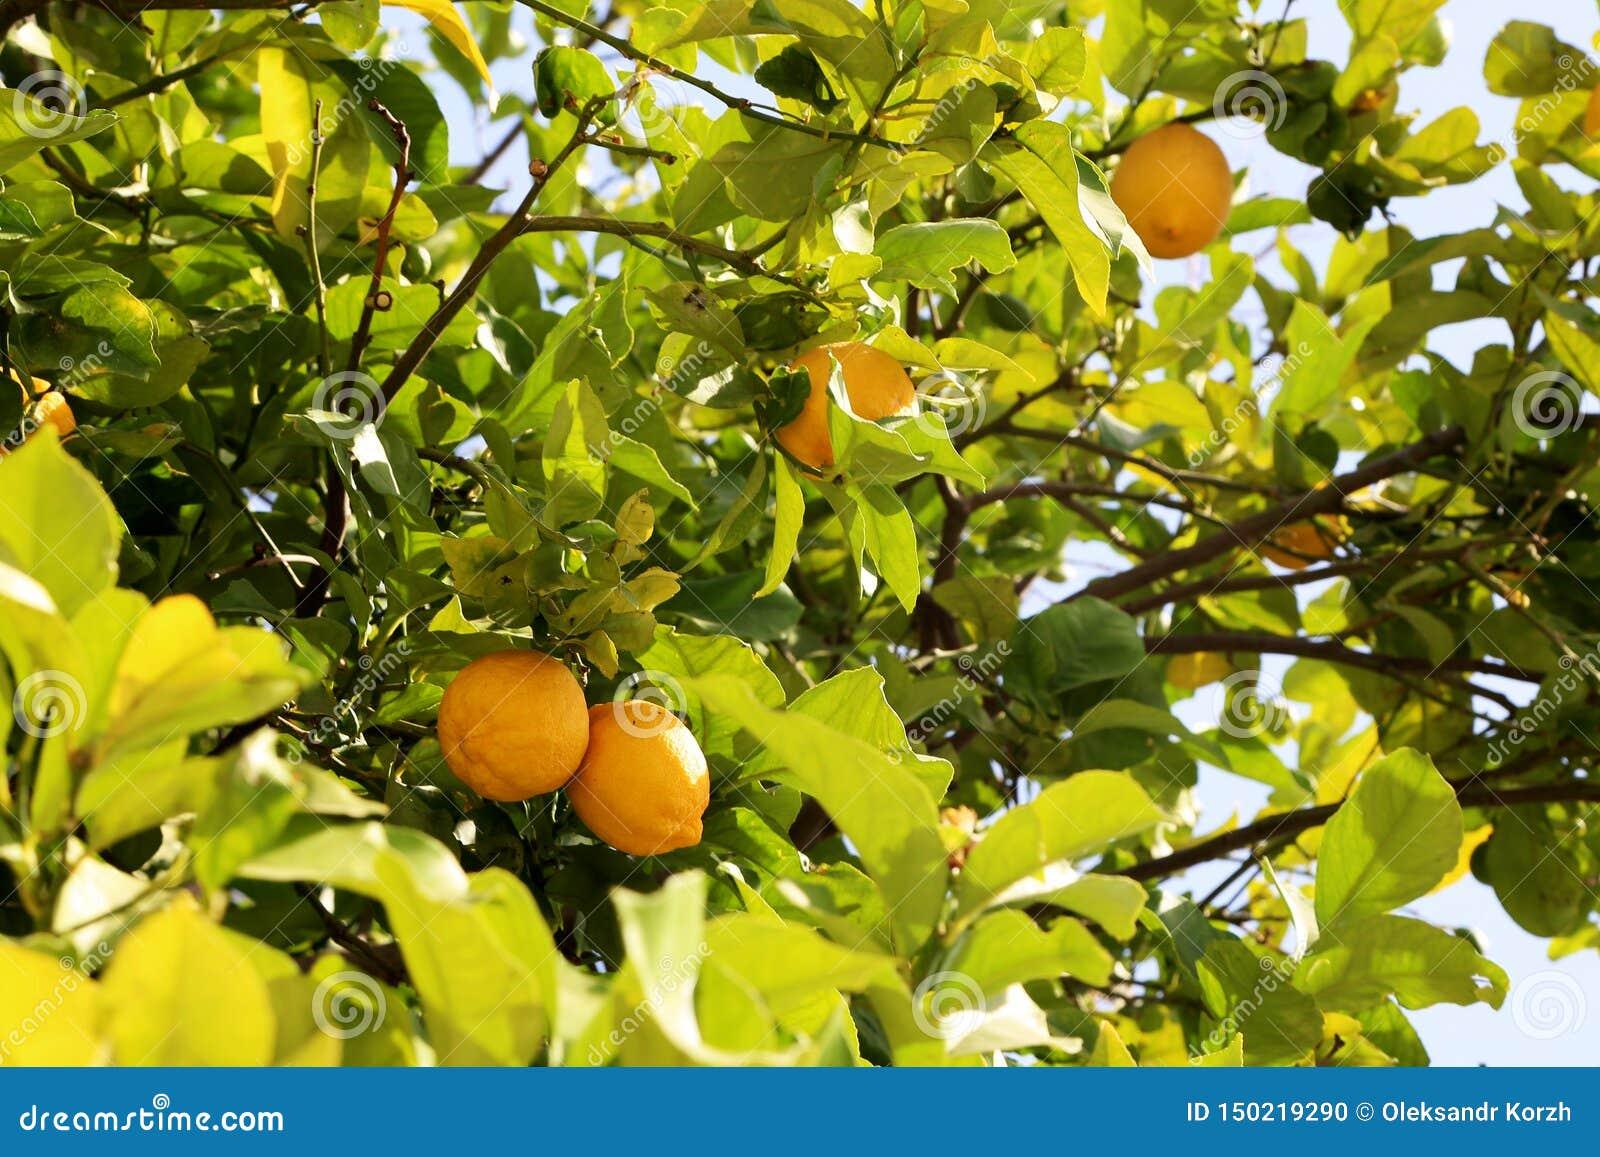 Grupos de limões maduros amarelos frescos na árvore de limão